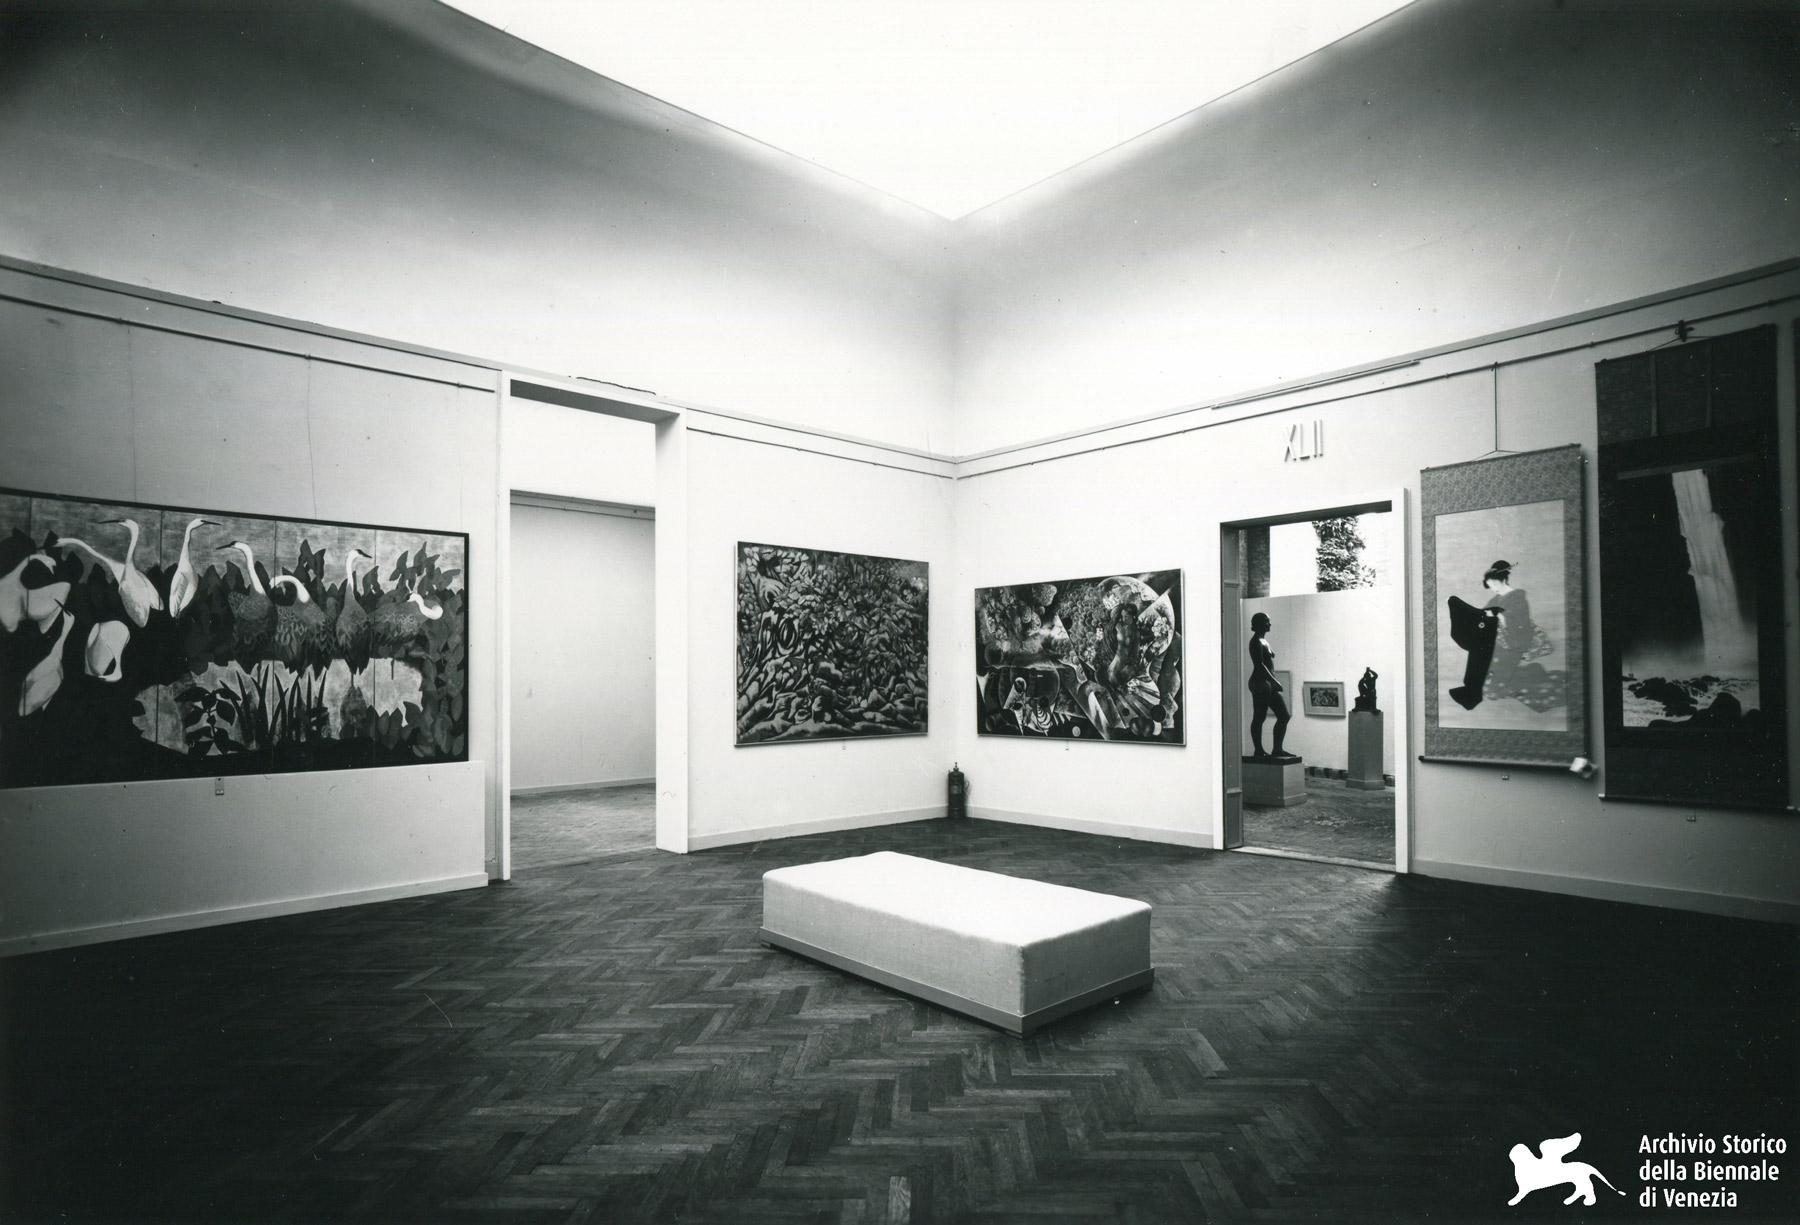 Courtesy of Archivio Storico della Biennale di Venezia - ASAC